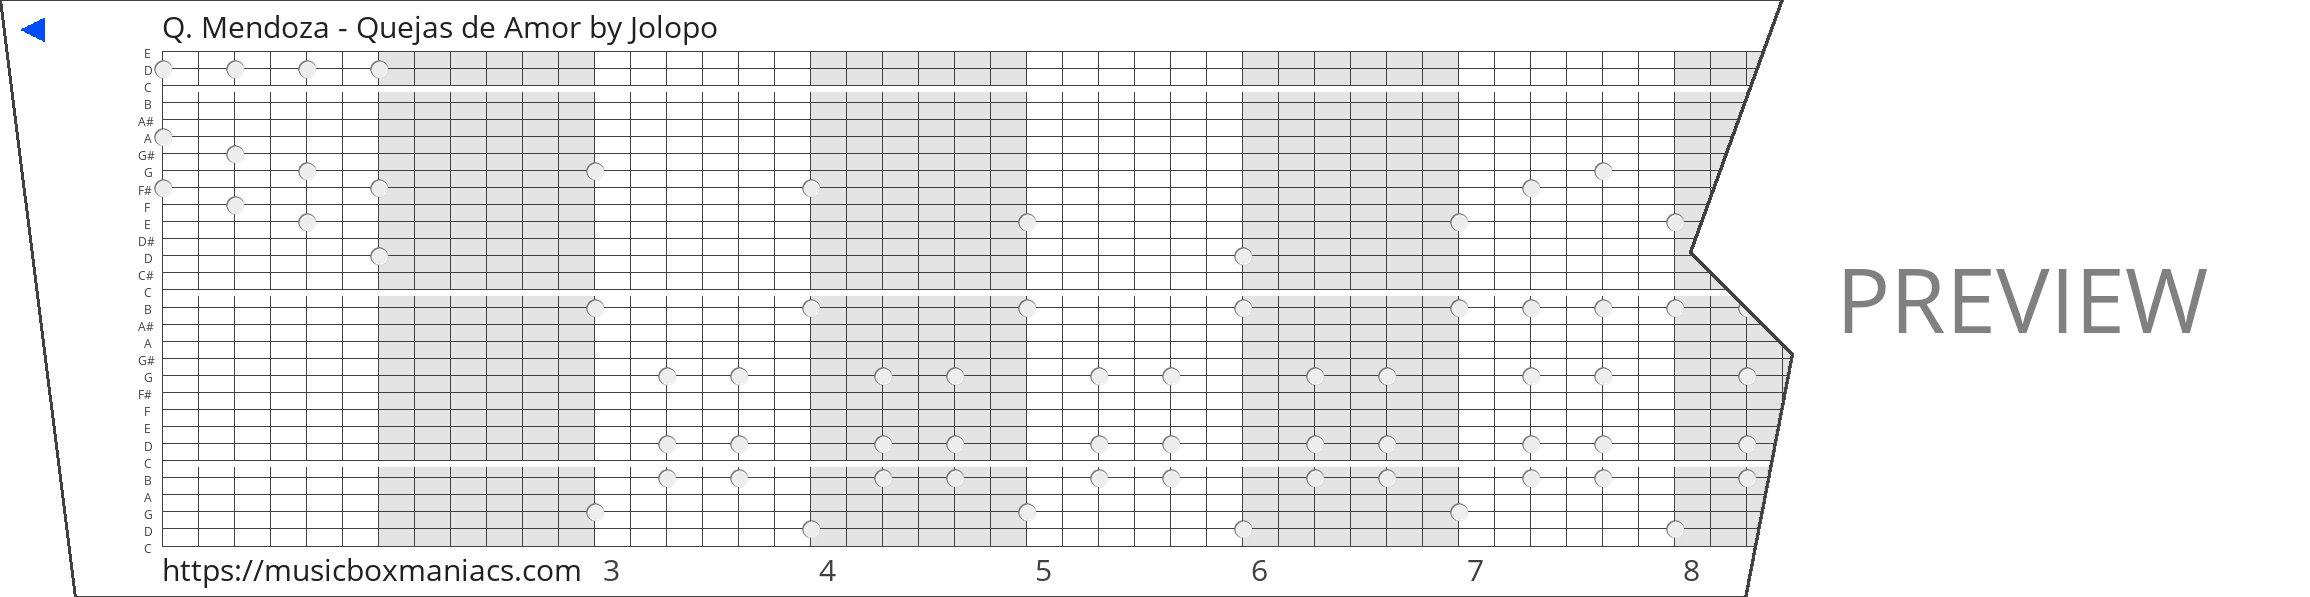 Q. Mendoza - Quejas de Amor 30 note music box paper strip